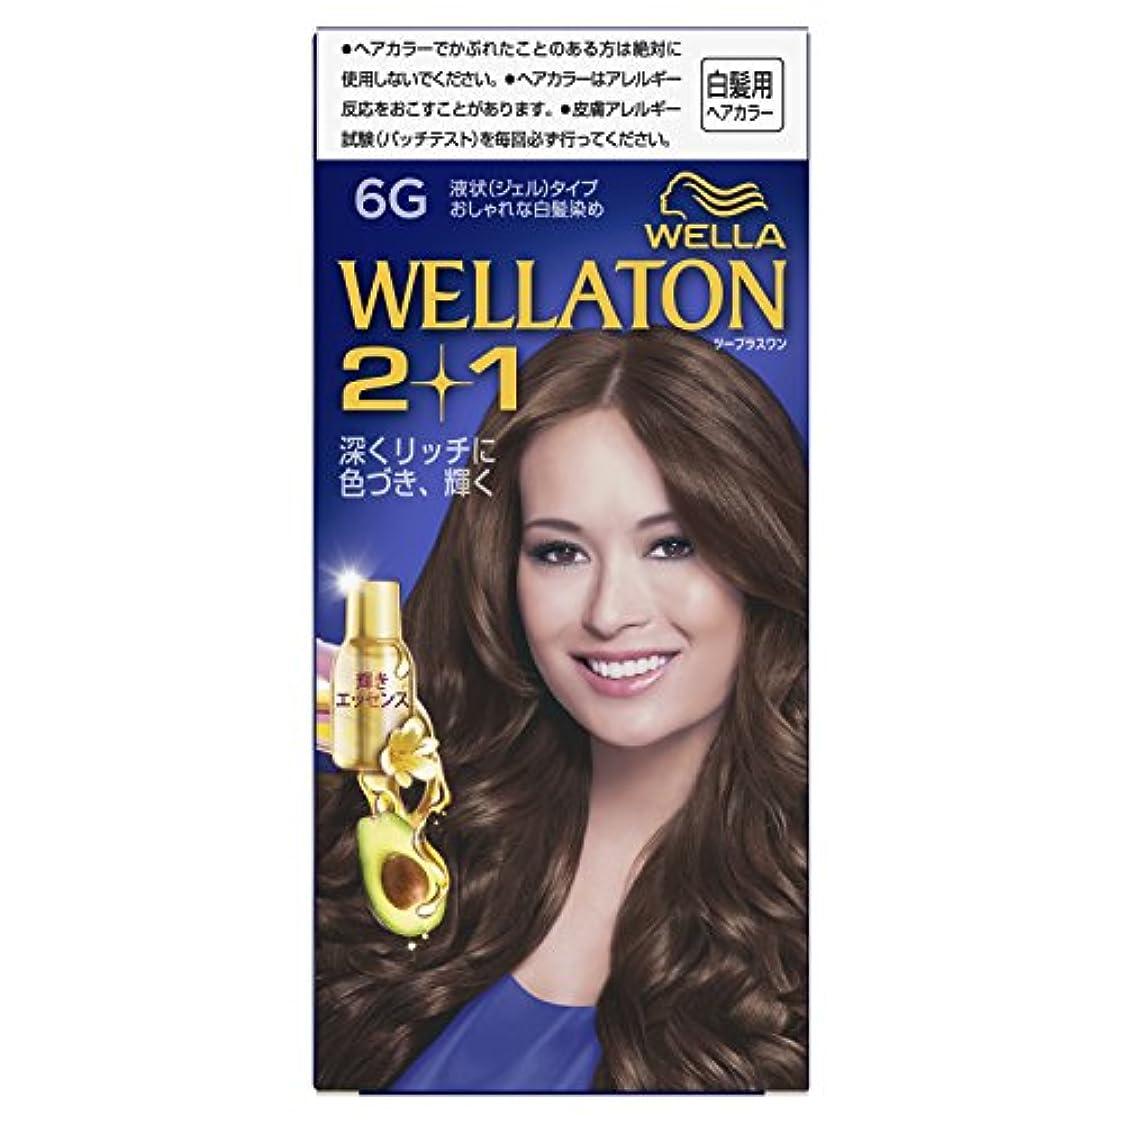 ジェスチャー持参農夫ウエラトーン2+1 液状タイプ 6G [医薬部外品](おしゃれな白髪染め)